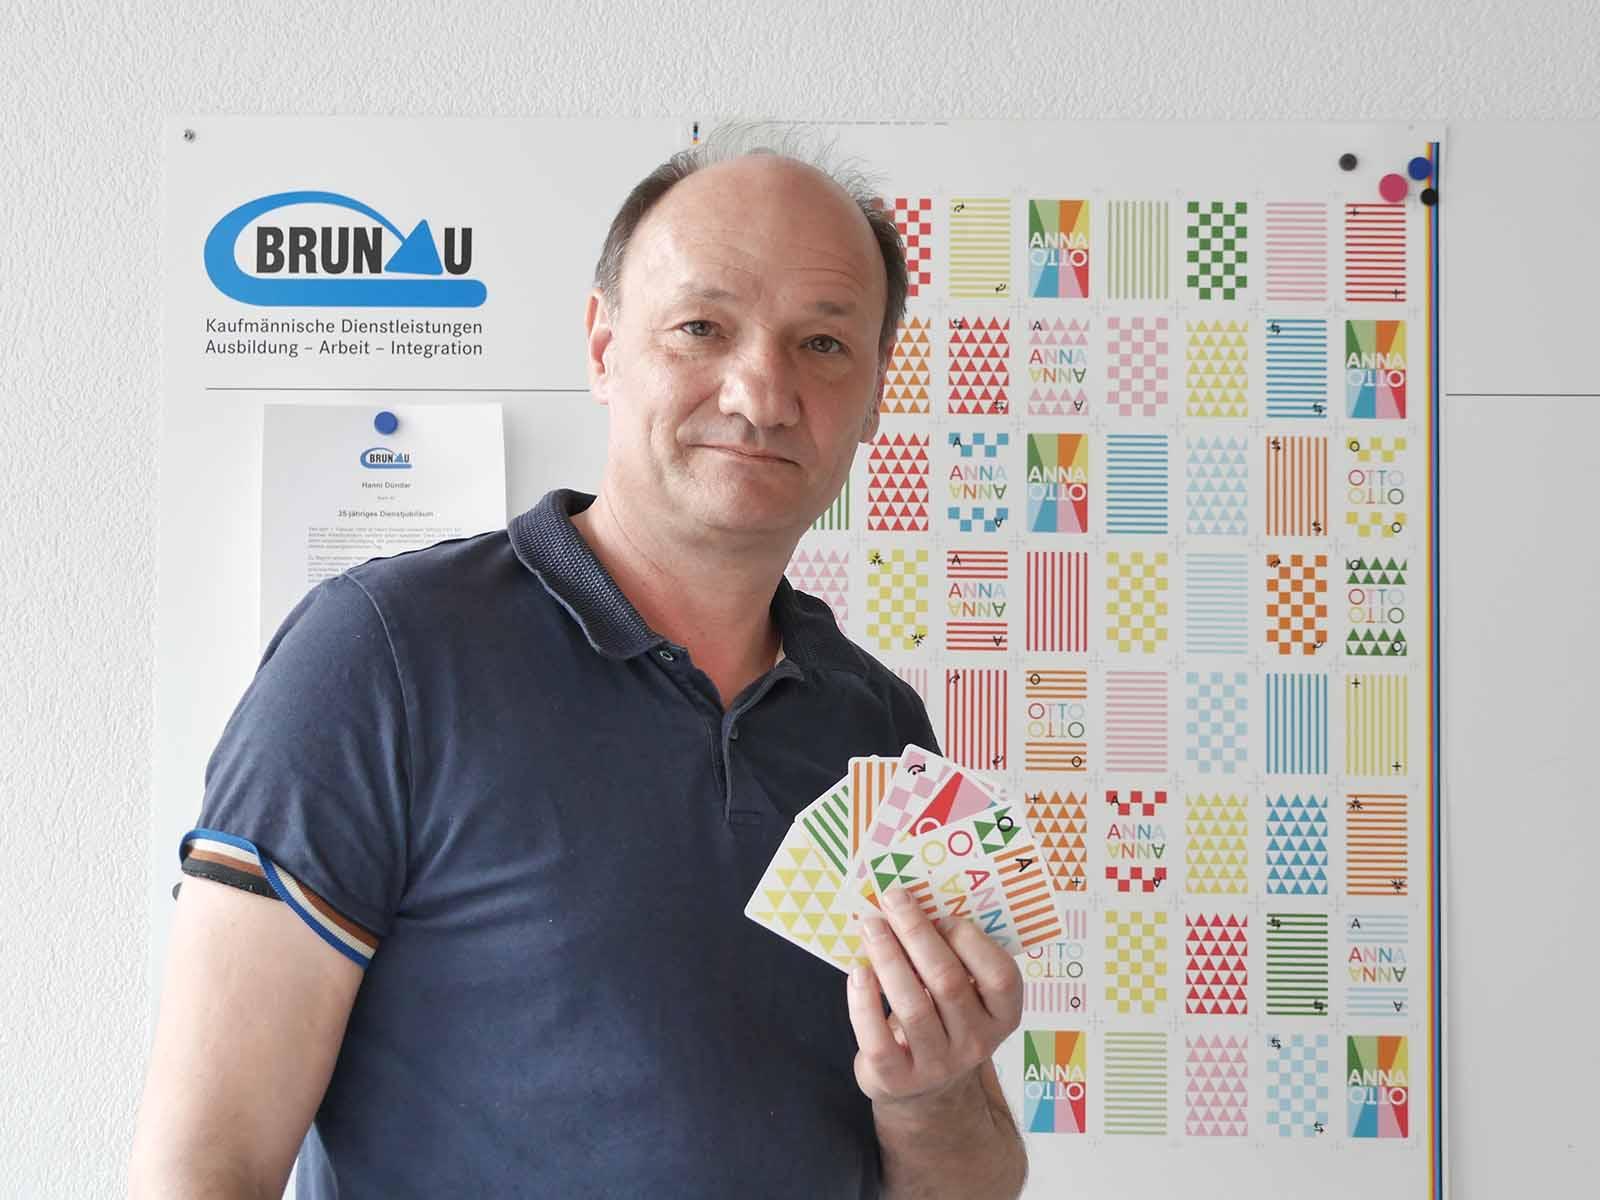 Urs Robustelli mit seiner Eigenkreation, dem Kartenspiel ANNAOTTO.